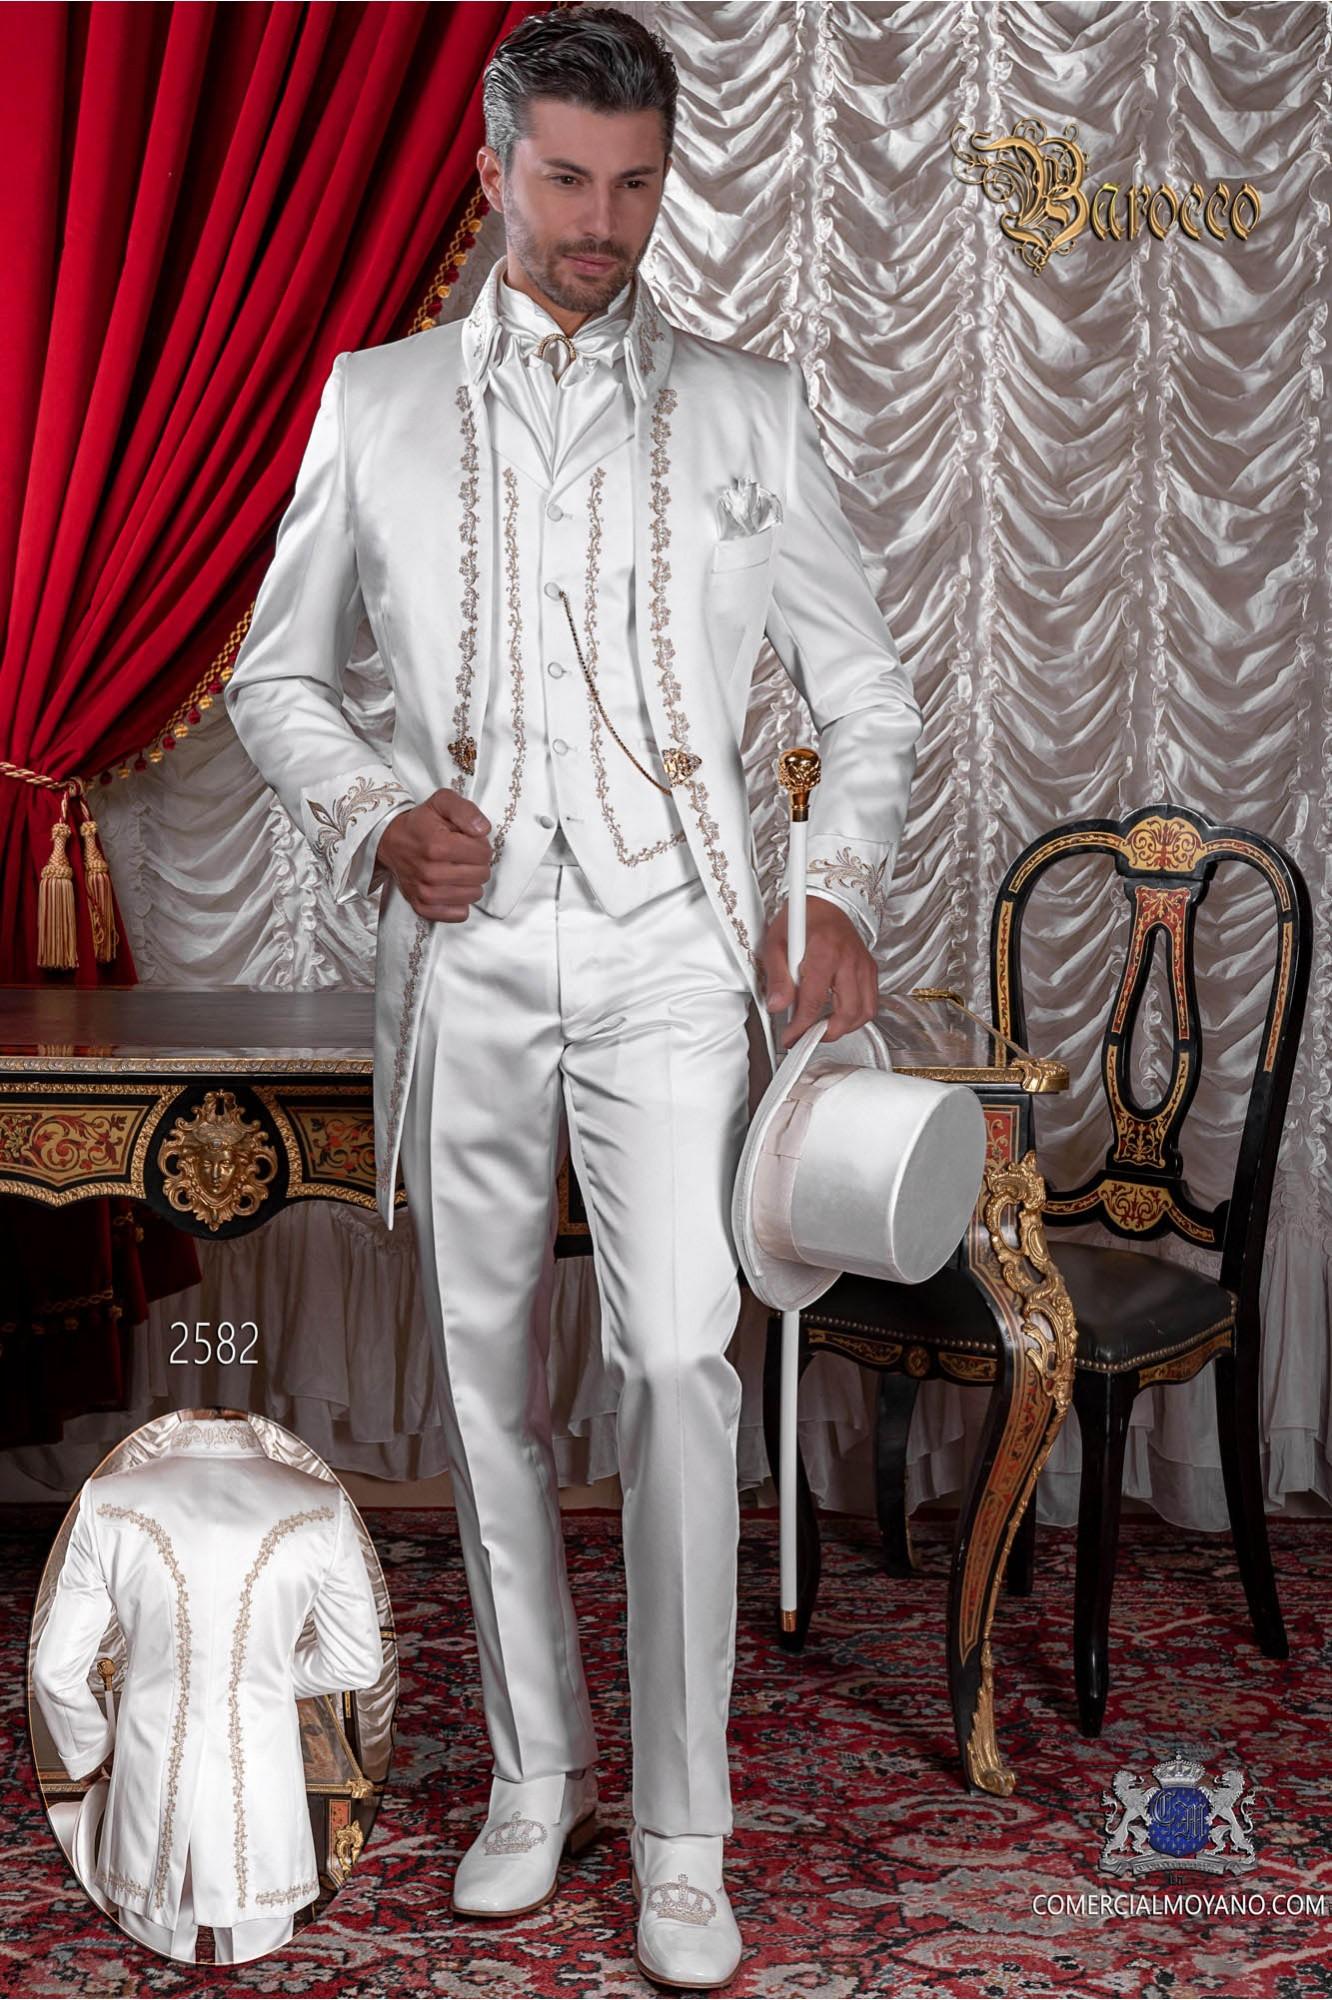 Traje de época casaca blanca de raso bordado oro